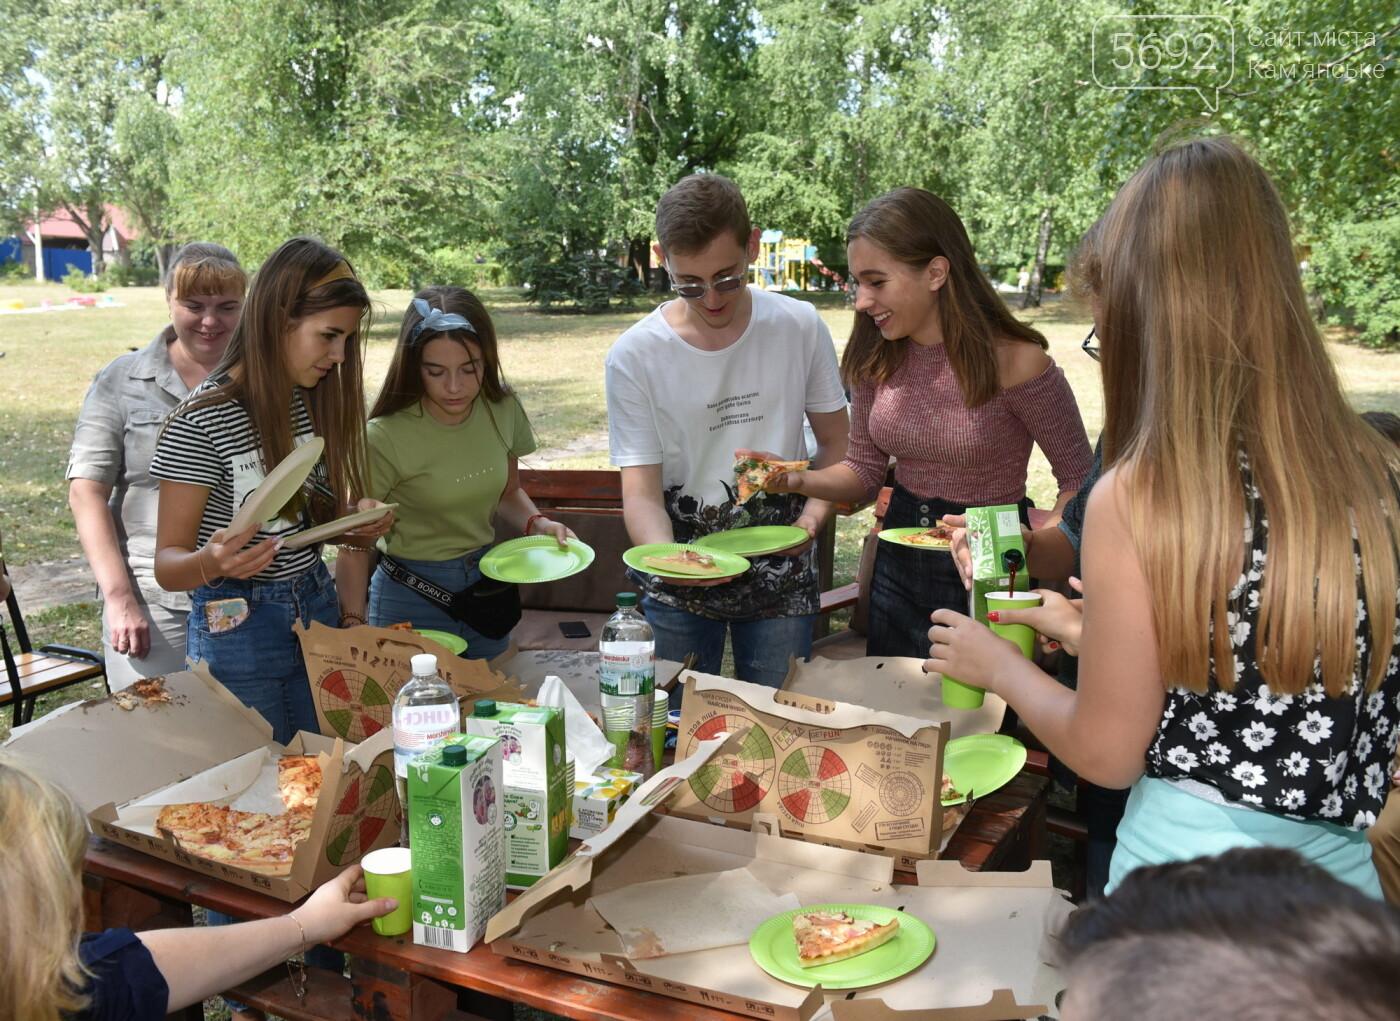 Анна Личман: Молодежь Каменского готова вести дискуссию по важным темам на высоком уровне, фото-5